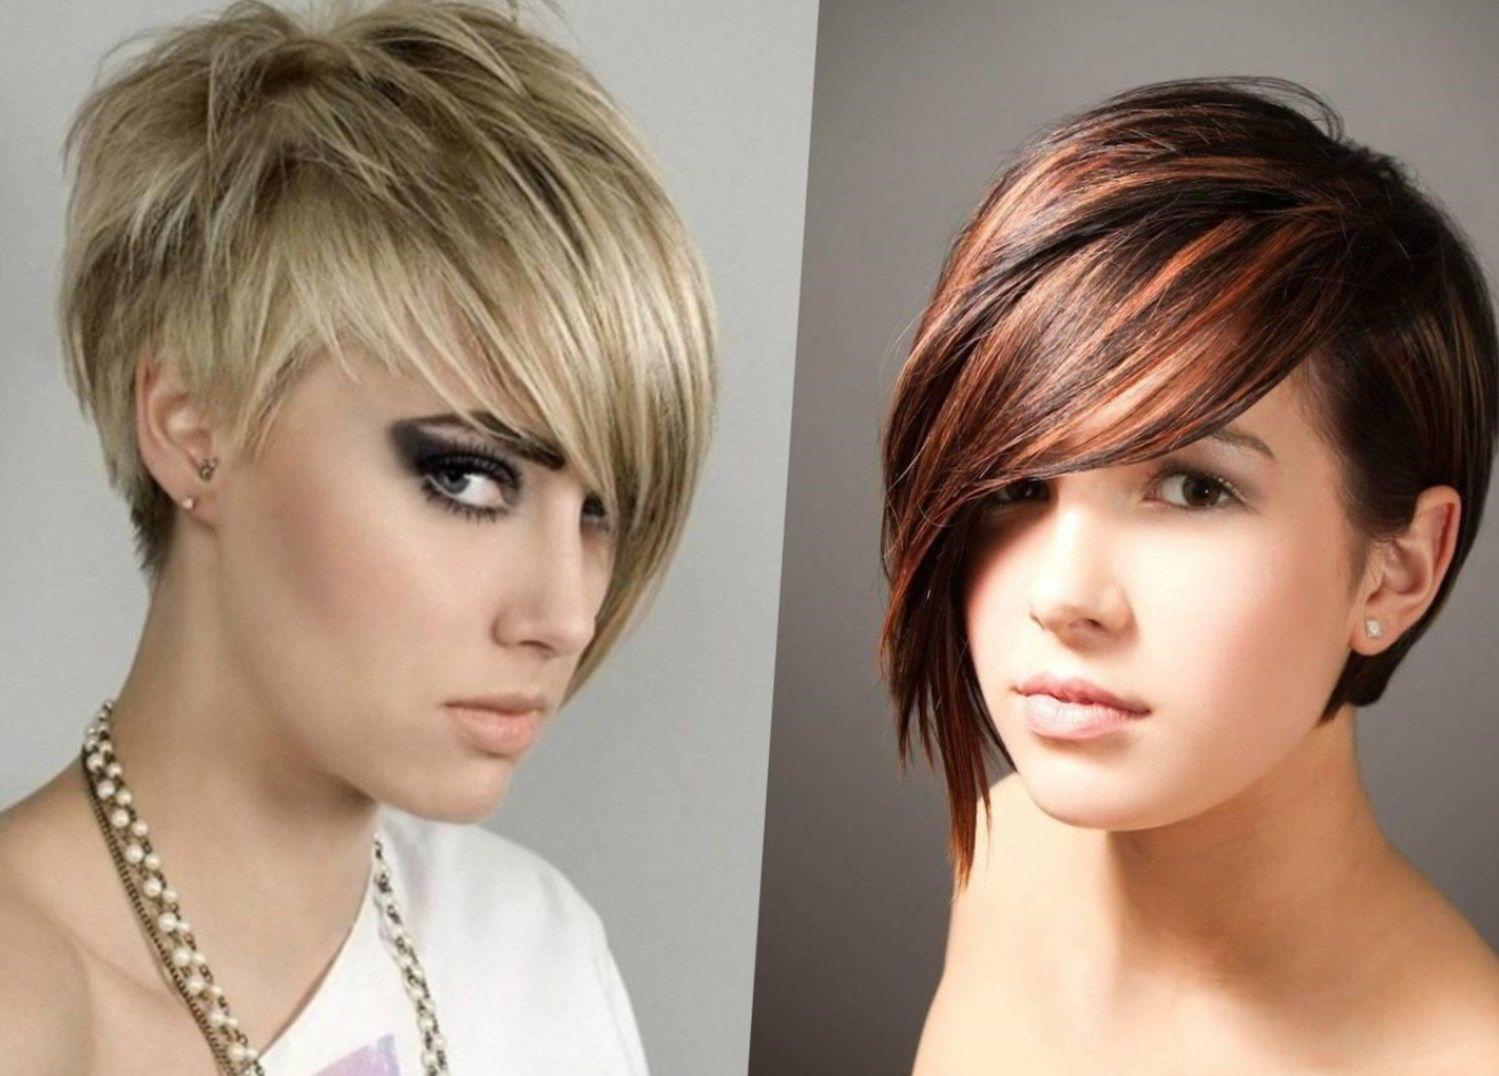 Модные укладки на короткие волосы 2019 фото в 2019 г ...